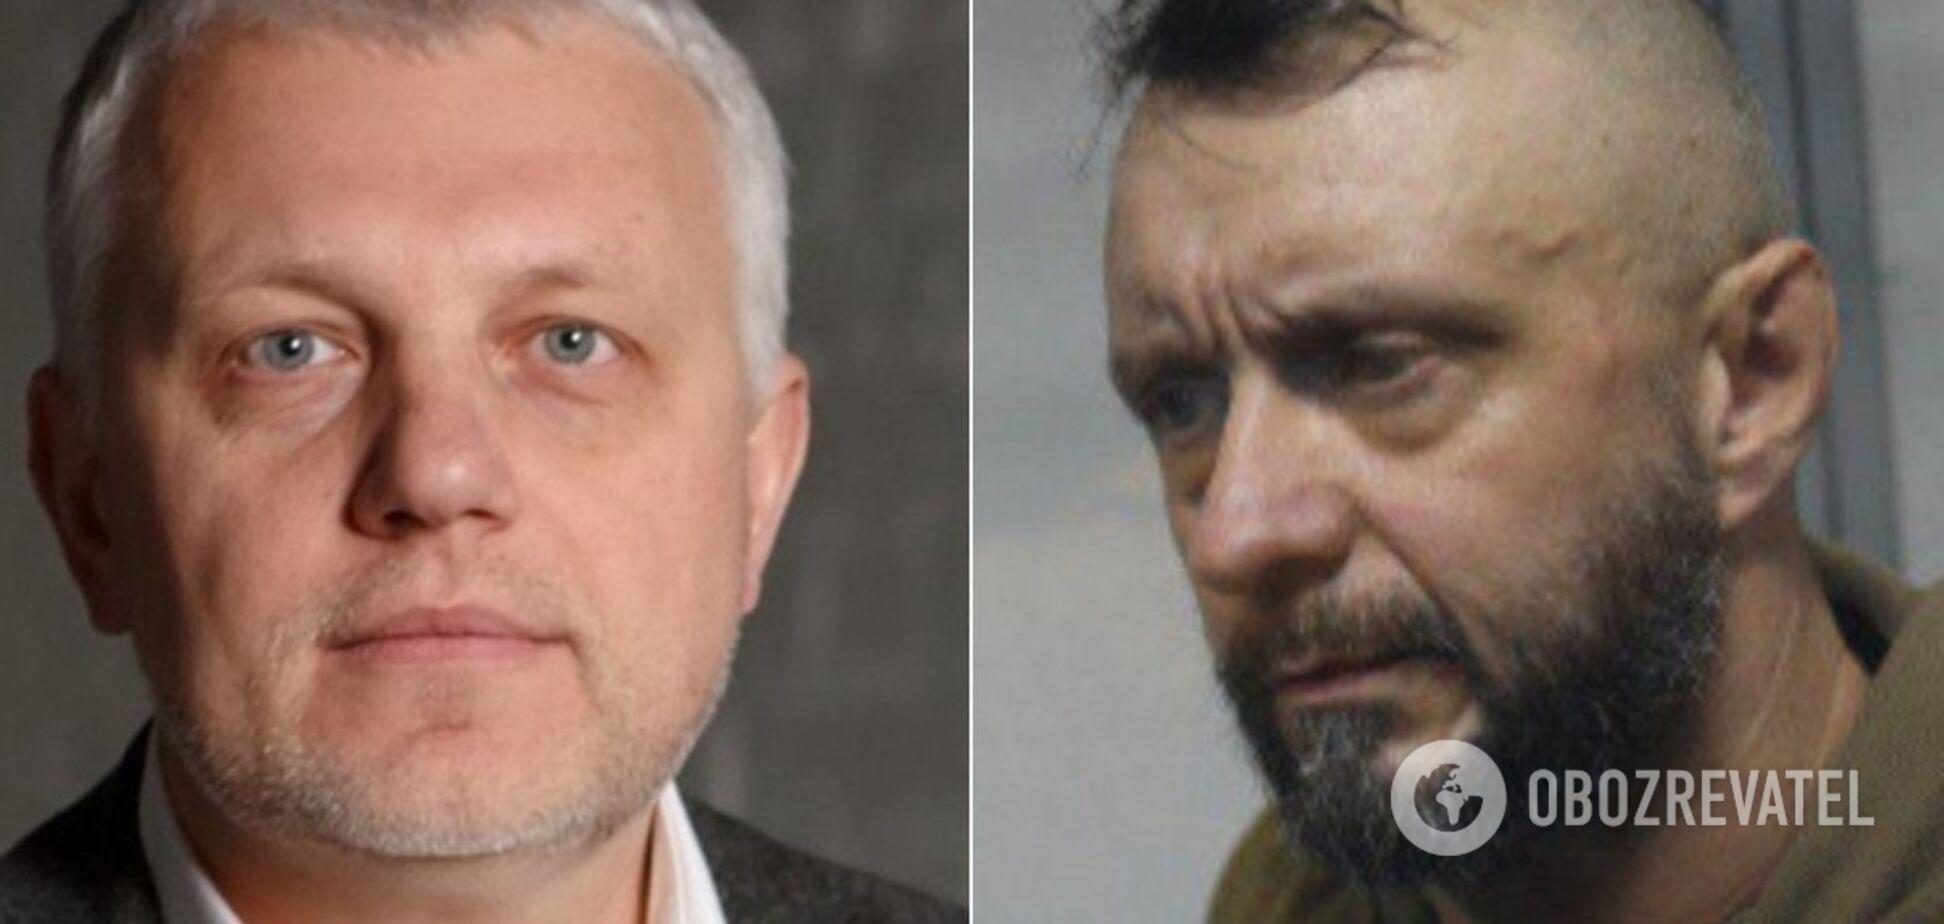 'Он не хромал': появились новые доказательства в деле убийства Шеремета